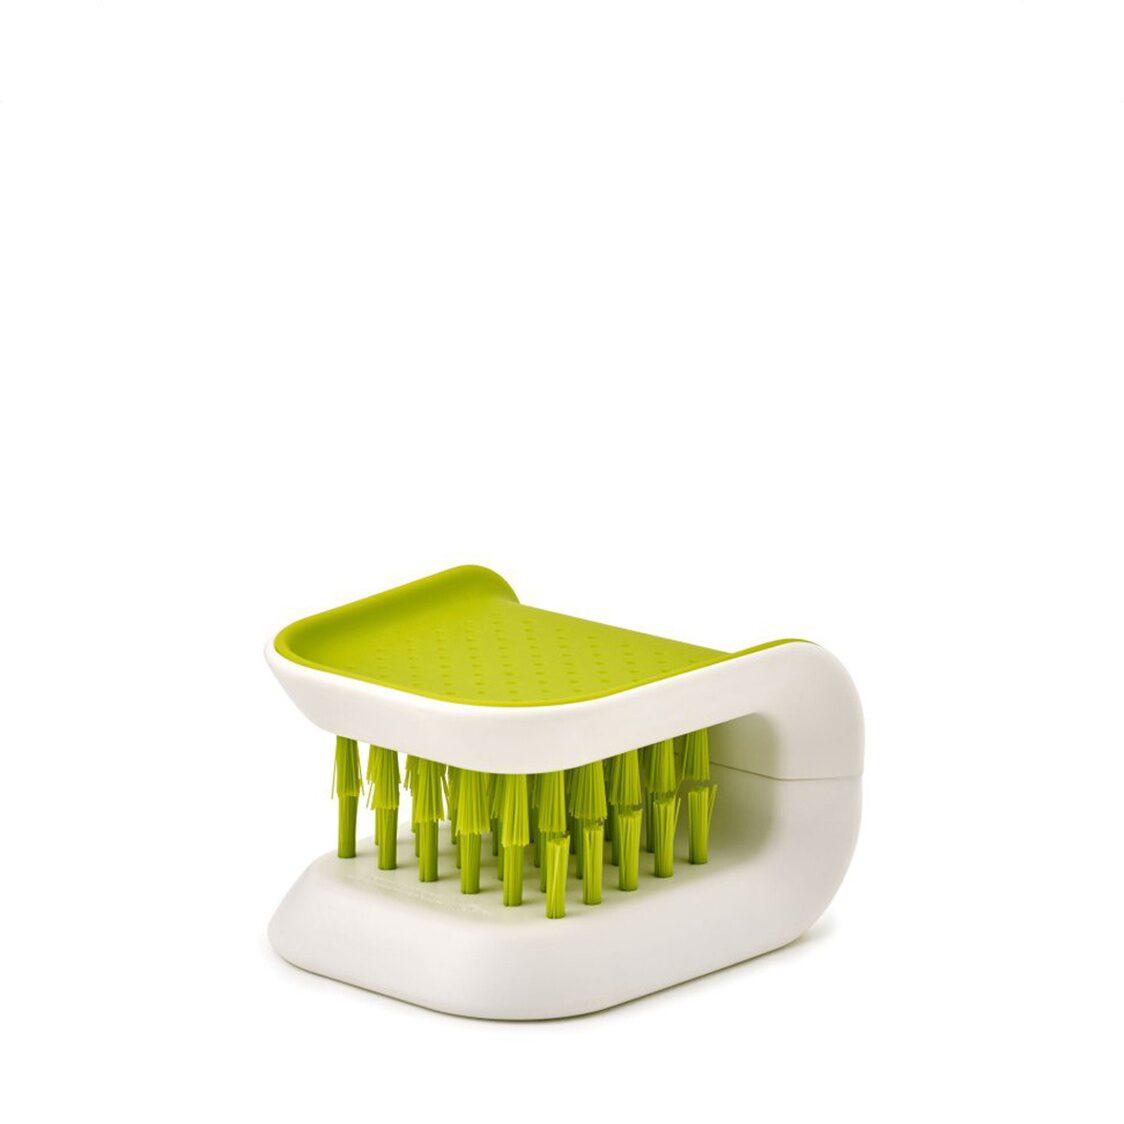 Joseph Joseph Bladebrush Knife Cleaner Green 8510506